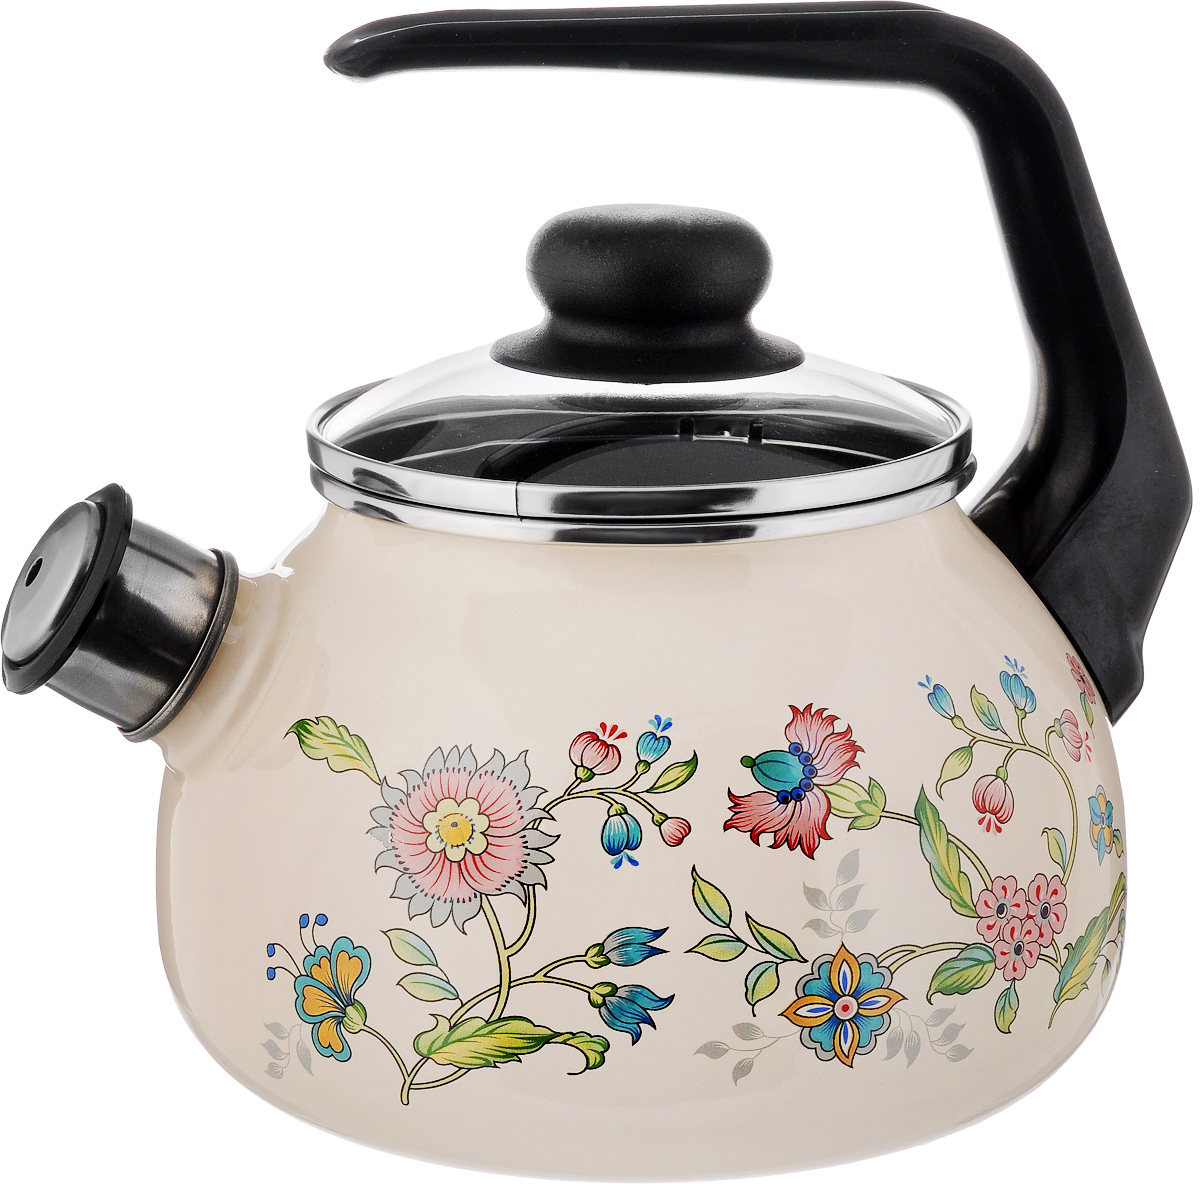 Чайник эмалированный СтальЭмаль Луговые цветы, со свистком, 2 л4с210/яЧайник СтальЭмаль Луговые цветы выполнен из высококачественного стальногопроката, покрытого двумя слоями жаропрочной эмали. Такое покрытие защищаетсталь от коррозии, придает посуде гладкую стекловидную поверхность и надежнозащищает от кислот и щелочей. Носик чайника оснащен свистком, звуковой сигналкоторого подскажет, когда закипит вода. Чайник оснащен фиксированной ручкойиз пластика и стеклянной крышкой, которая плотно прилегает к краю благодаряособой конструкции. Внешние стенки декорированы красочным цветочнымрисунком.Эстетичный и функциональный чайник будет оригинально смотреться в любоминтерьере.Подходит для всех типов плит, включая индукционные. Можно мыть впосудомоечной машине.Диаметр (по верхнему краю): 12,5 см. Высота чайника (с учетом ручки): 21 см. Высота чайника (без учета ручки и крышки): 12,5 см.